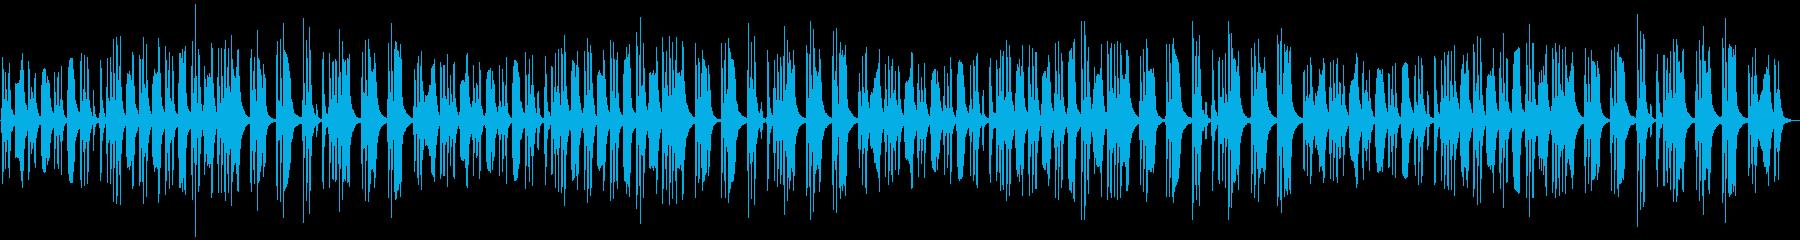 怪しい雰囲気のストリングスBGMの再生済みの波形